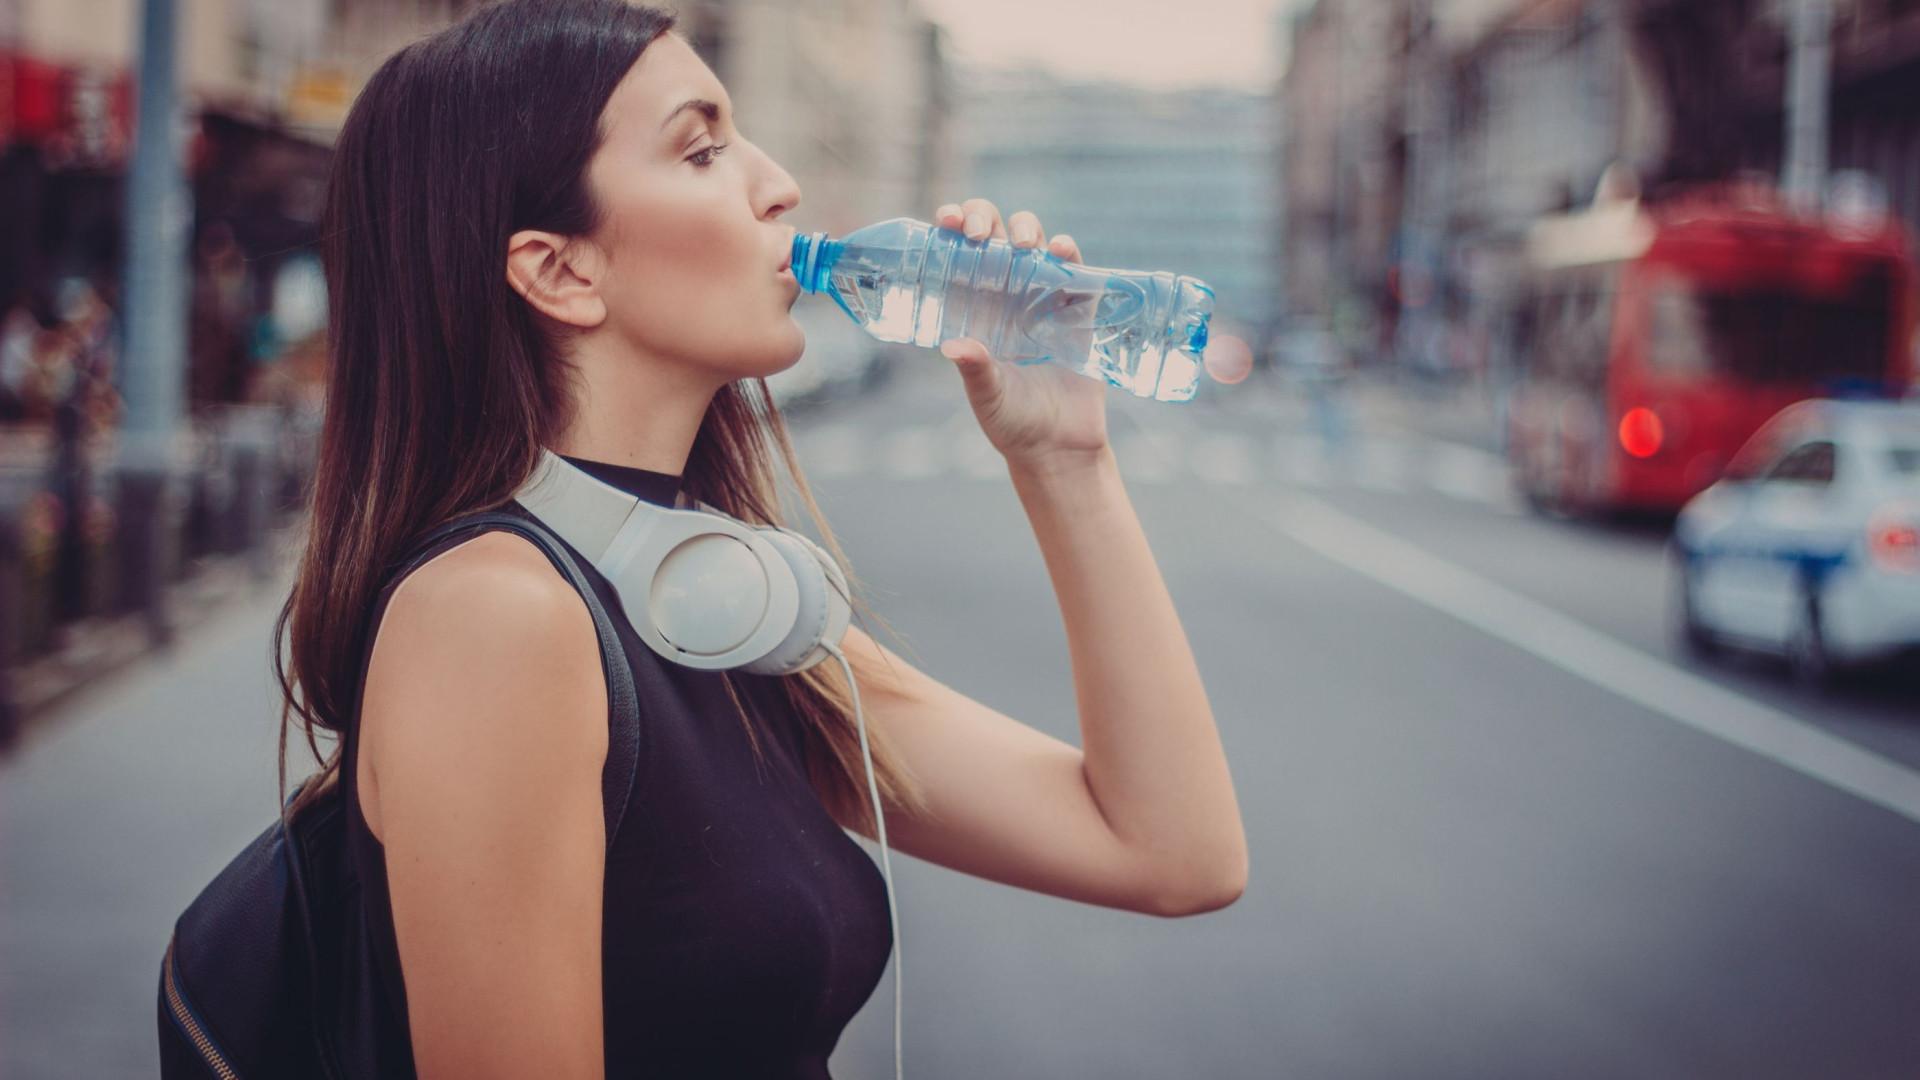 Químico em garrafas de água eleva risco de parto prematuro até seis vezes